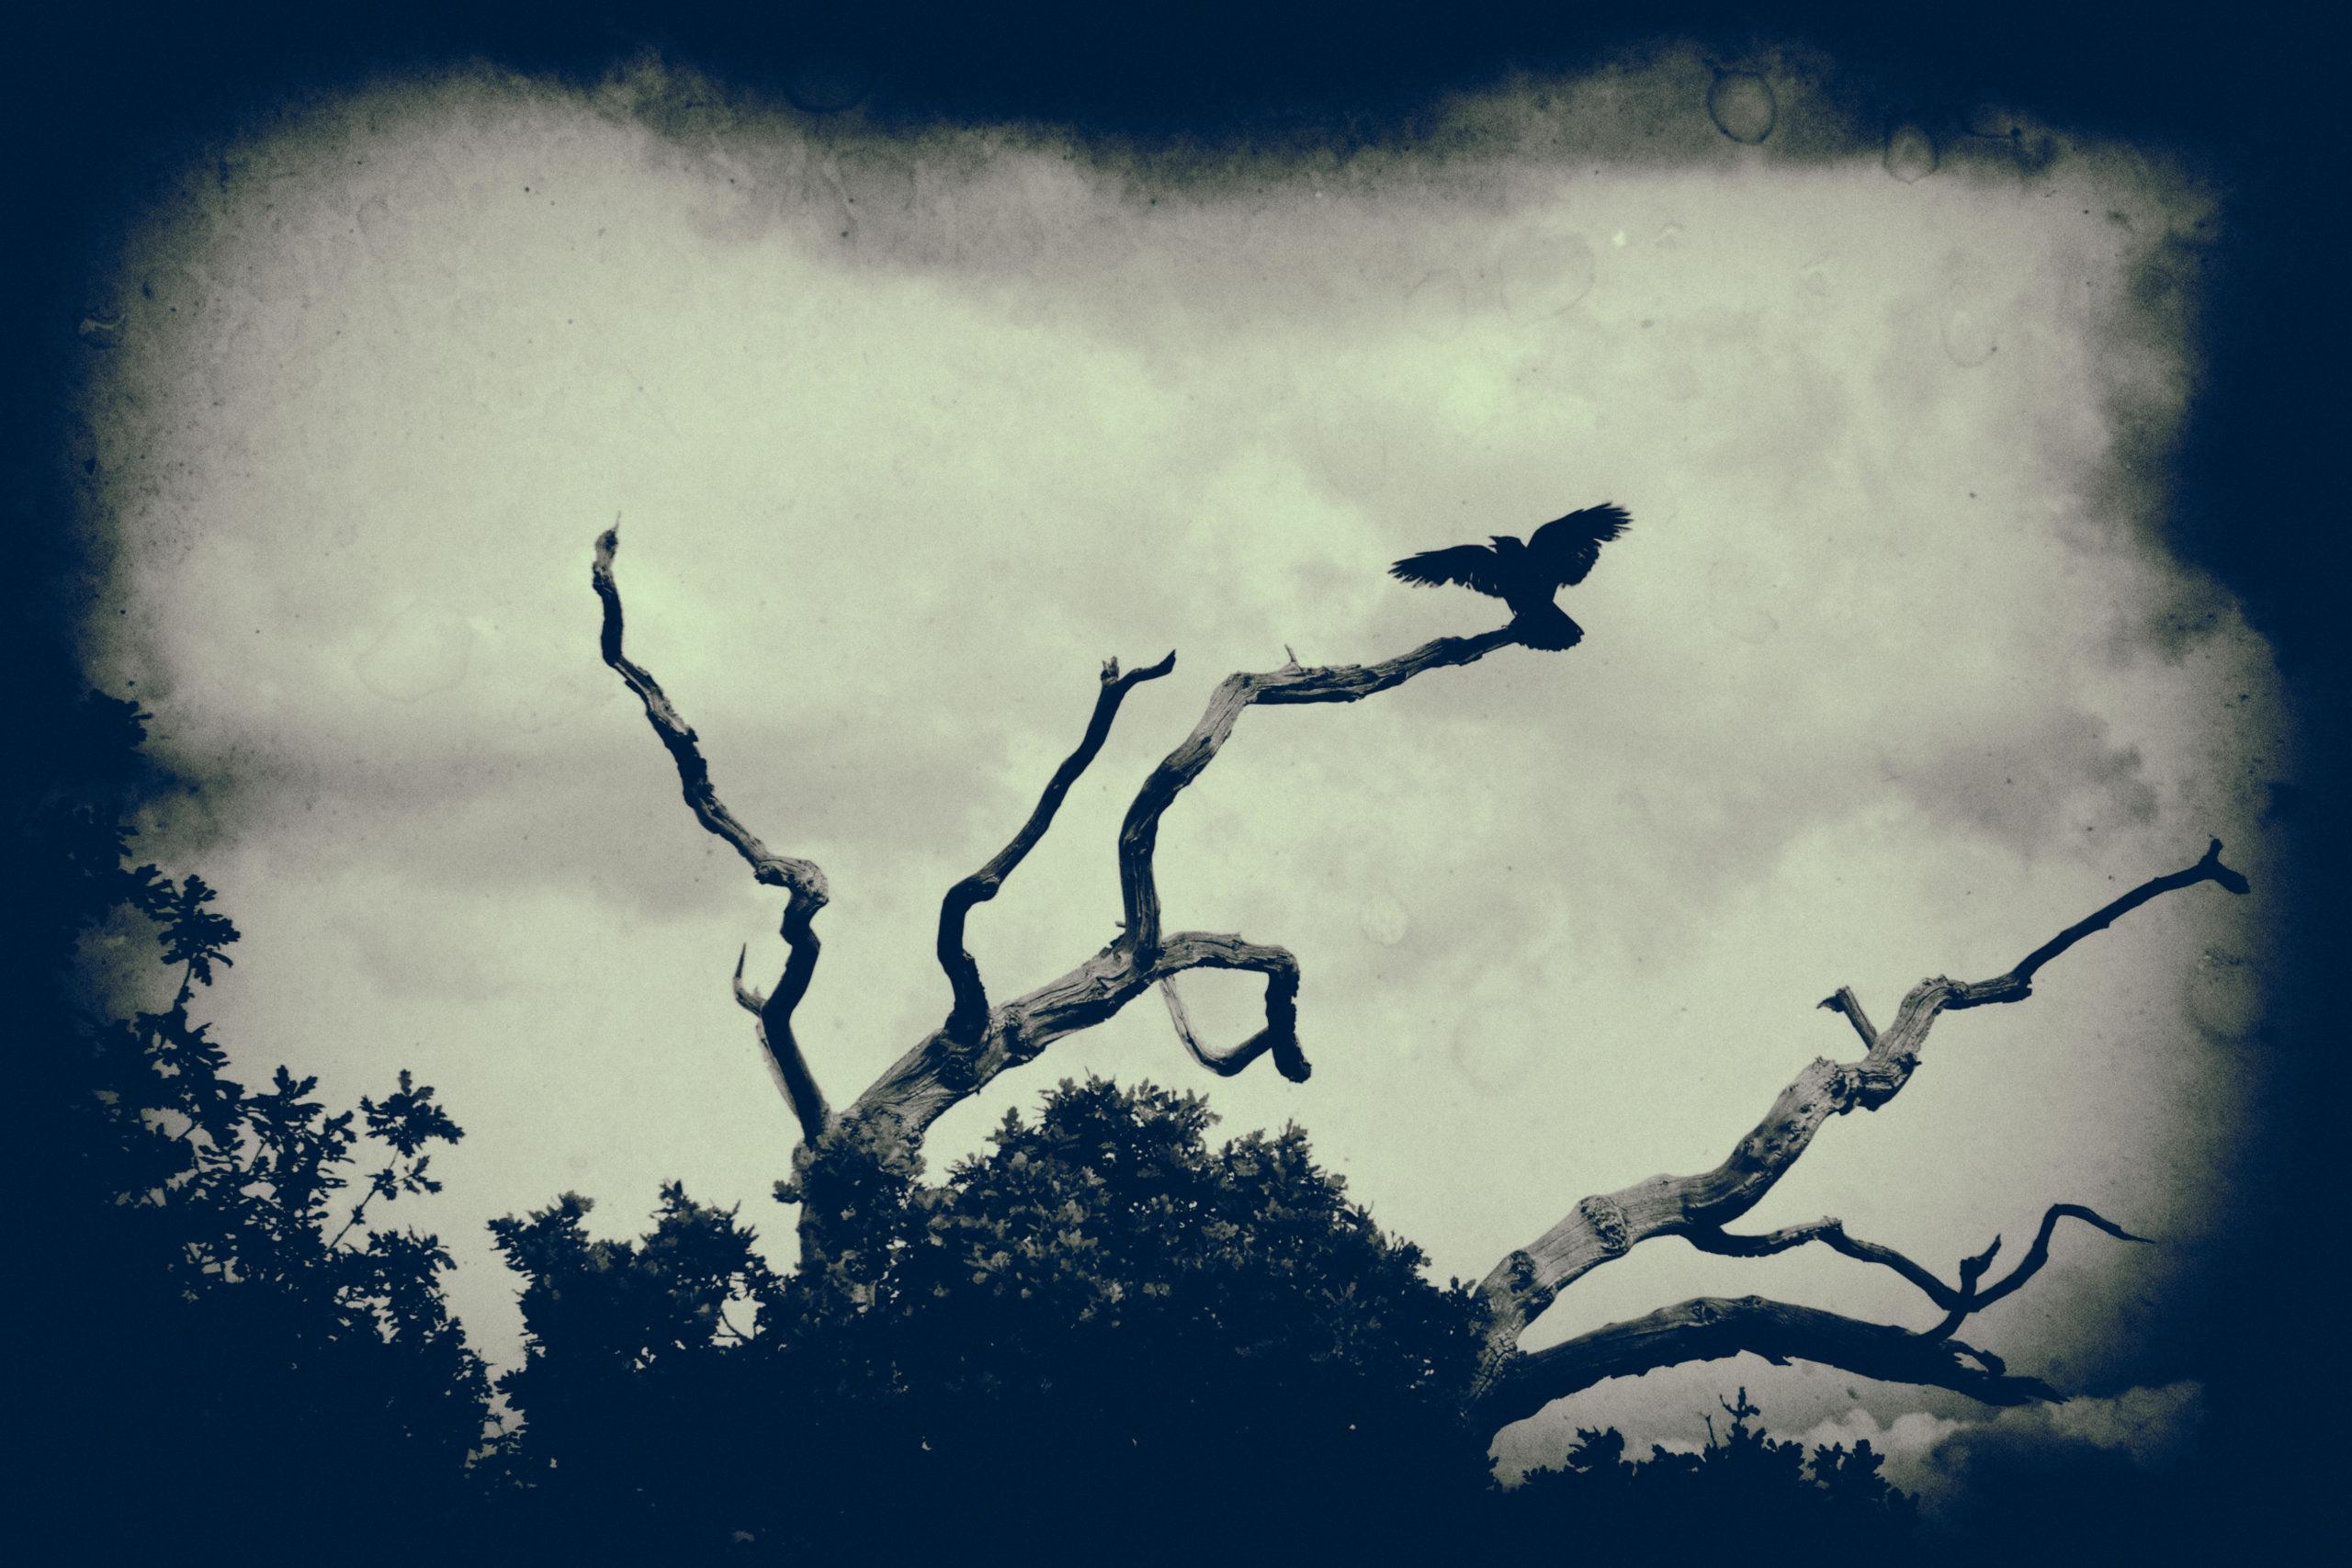 Spooky crow in tree